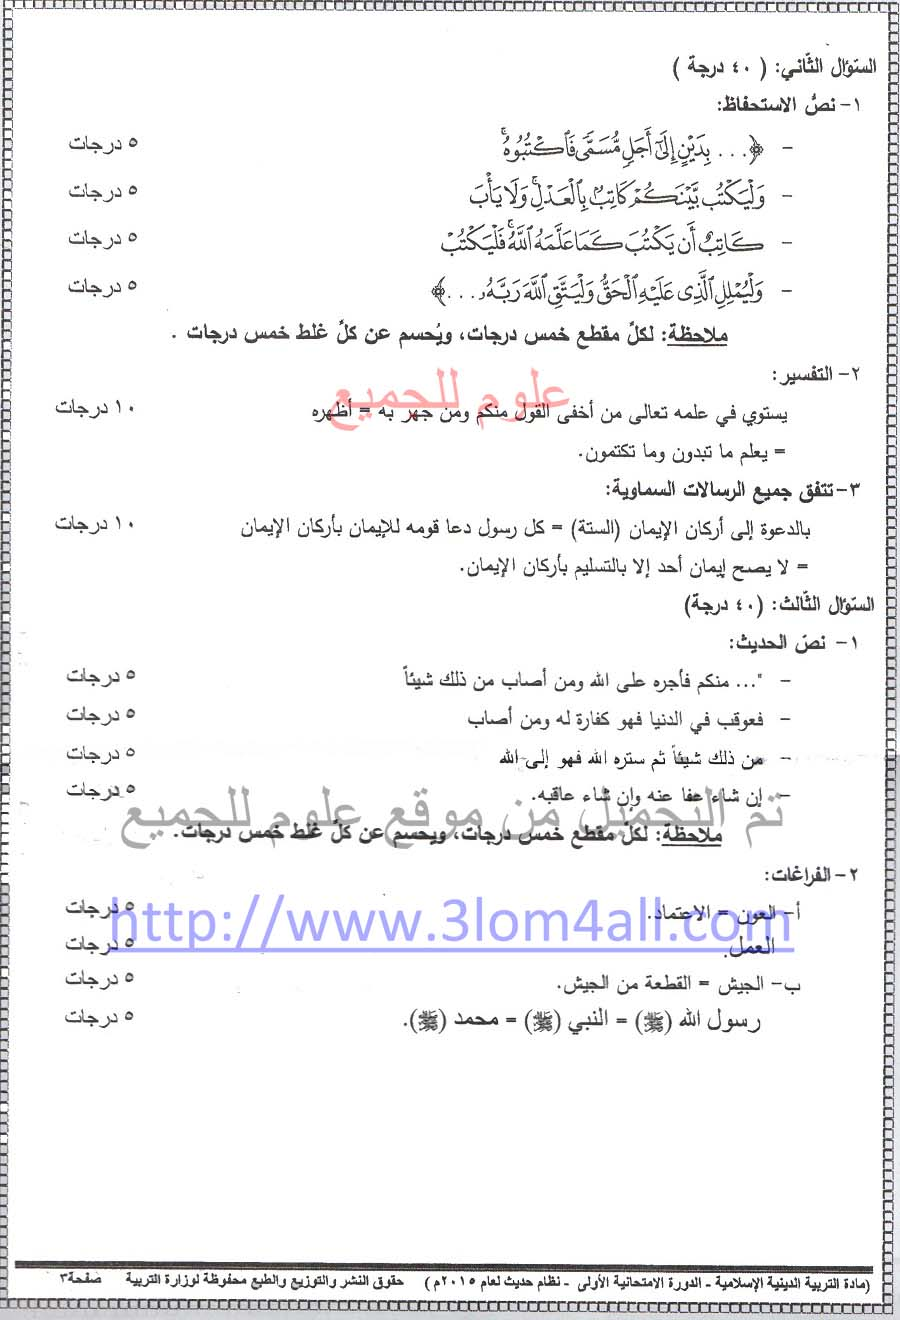 اسئلة امتحان مادة التربية الإسلامية  الديانة بكالوريا سوريا الفرع العلمي والأدبي 1463474677246.jpeg